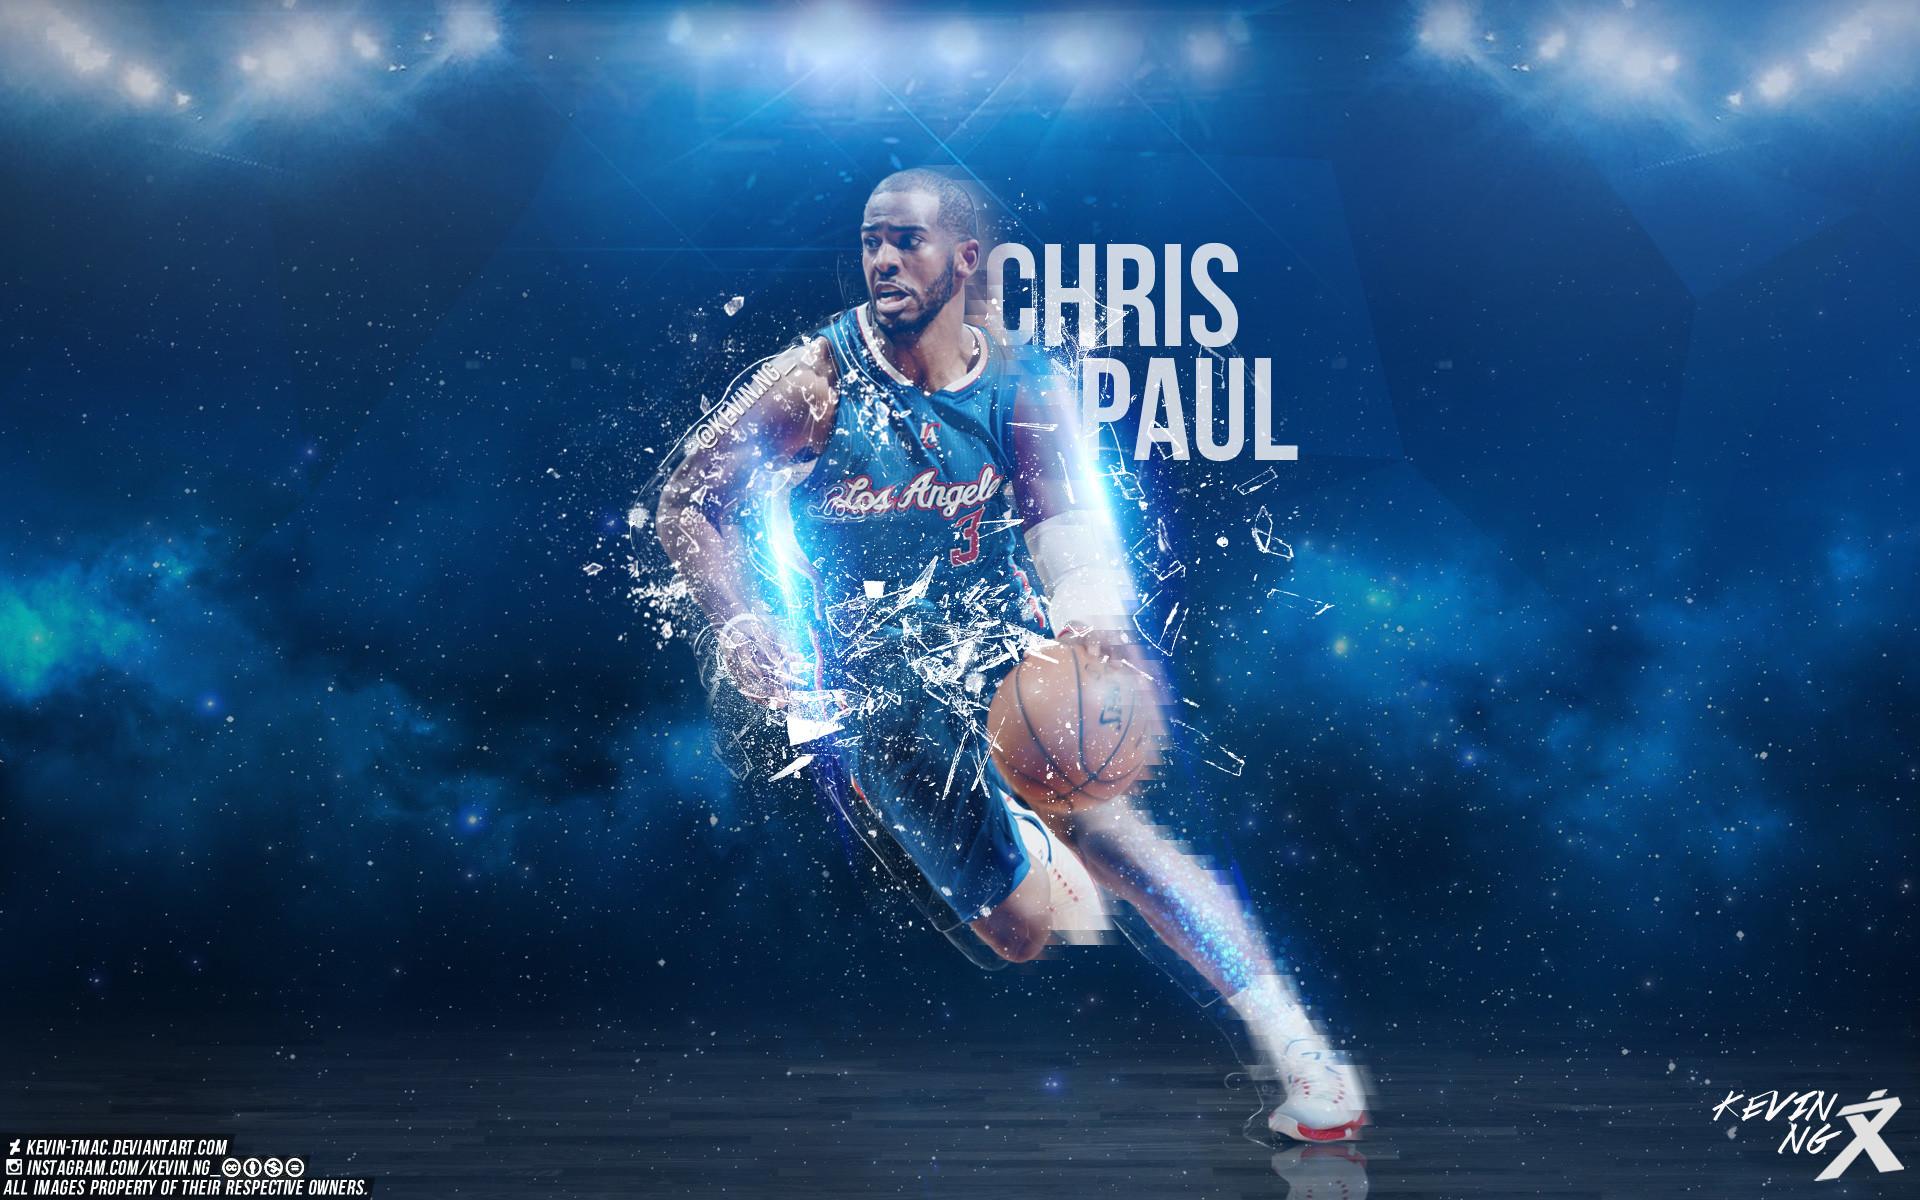 CP3 2015 NBA Playoffs Wallpaper